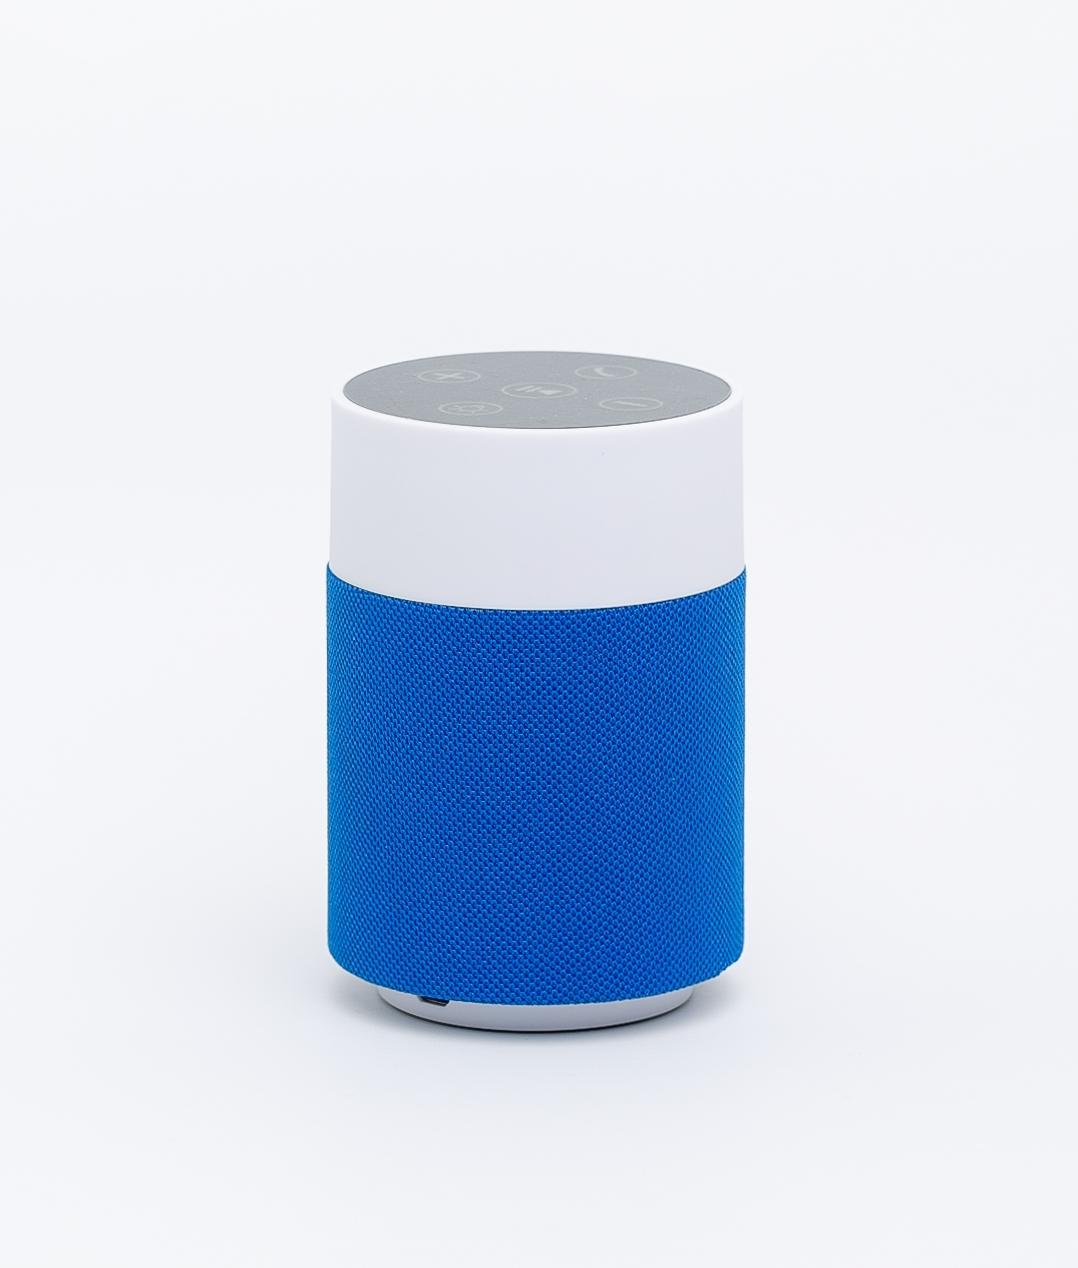 Abacus Bluetooth Speaker - Blue